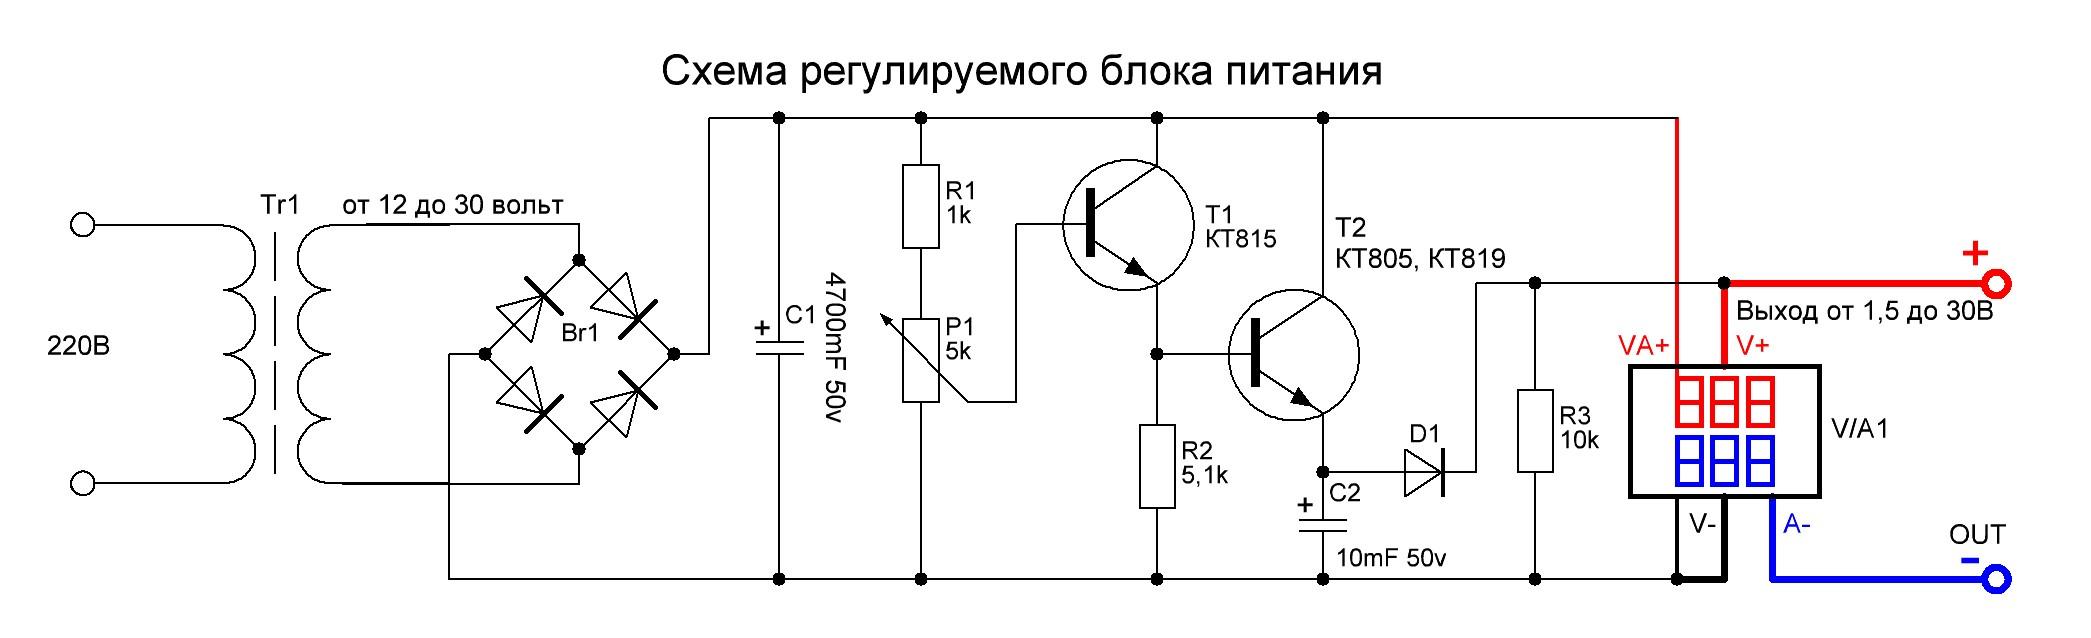 Схема регулируемого блока питания 0-3 в